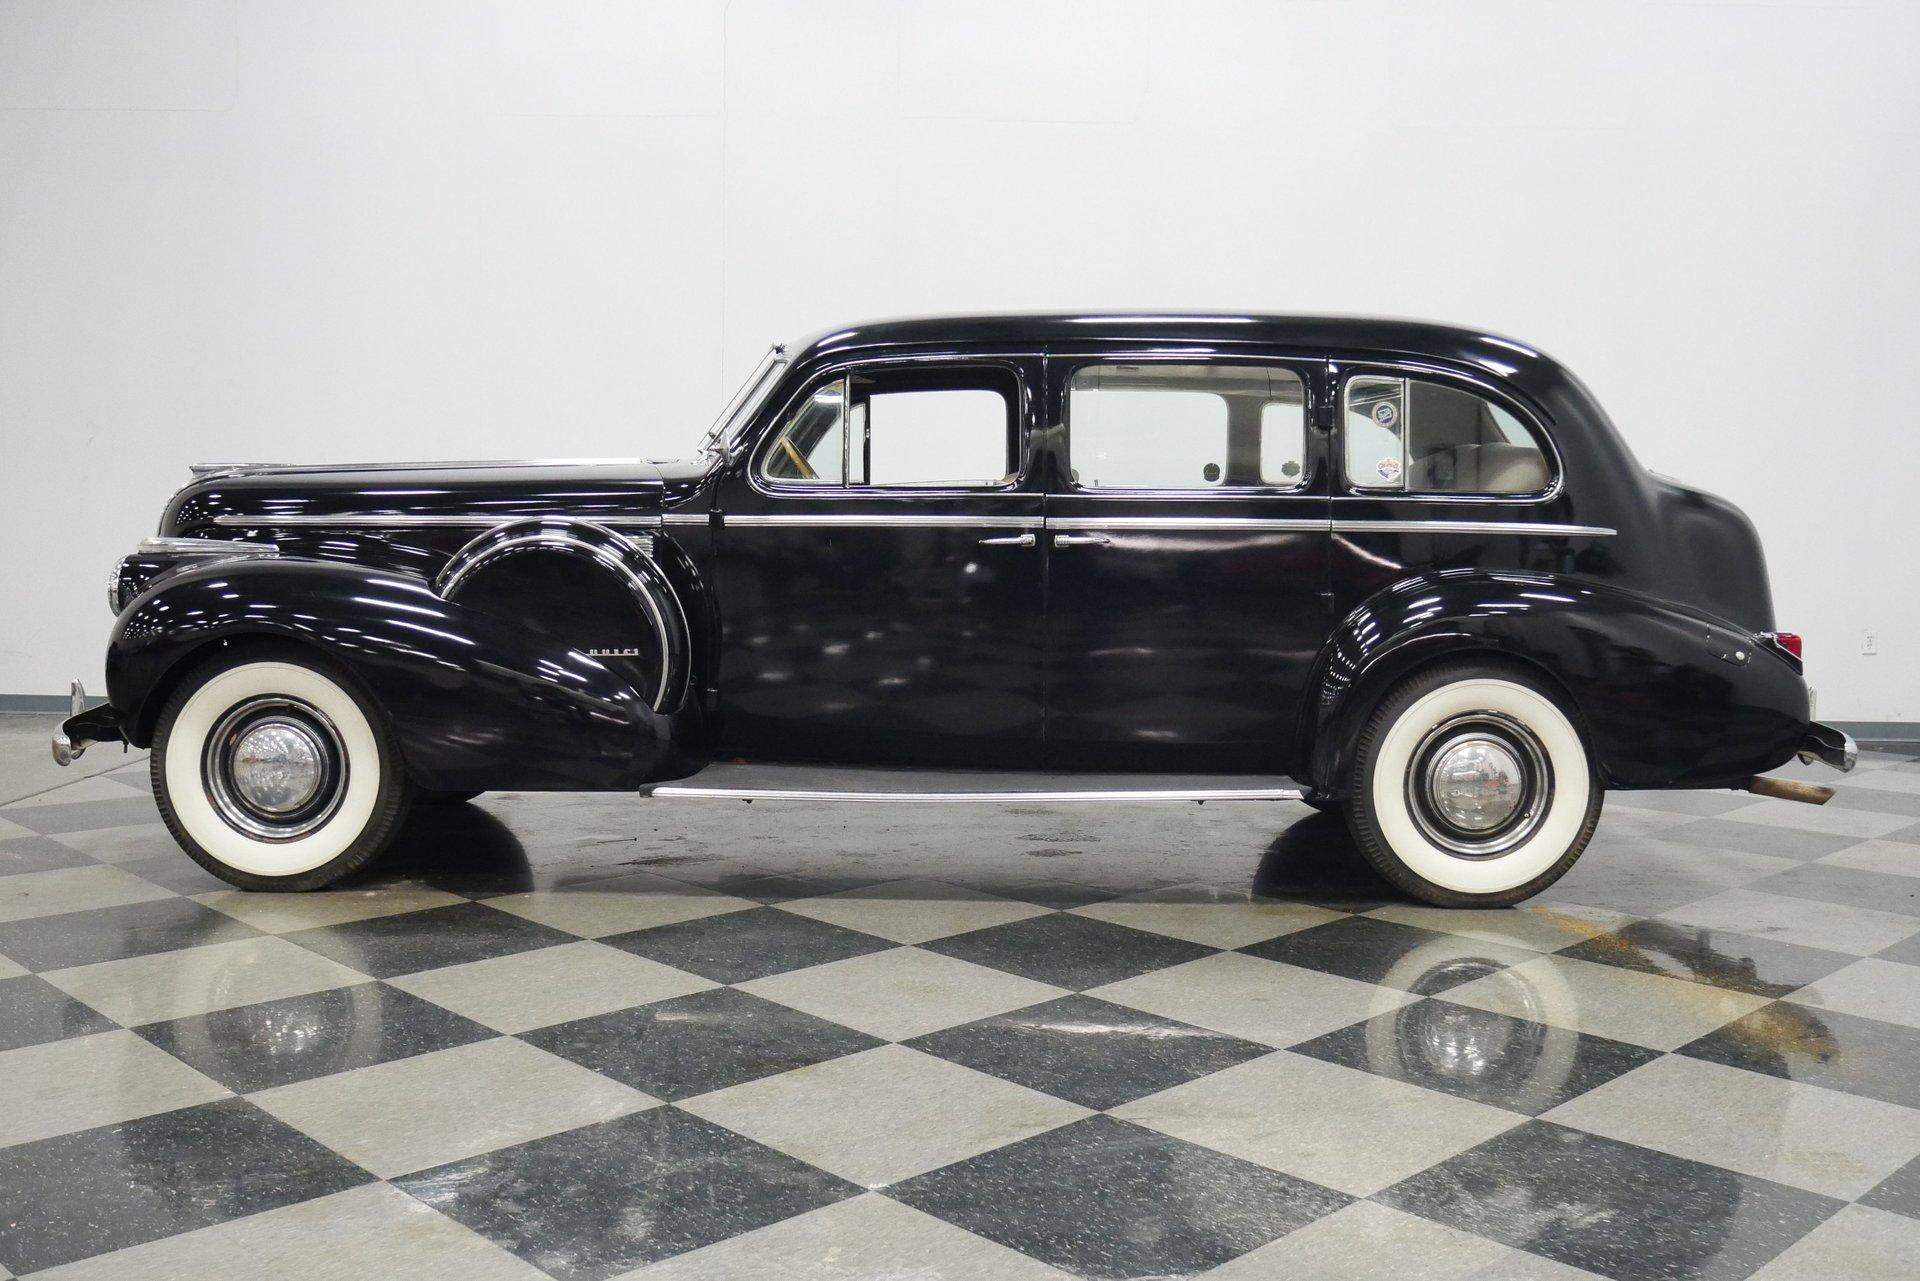 1940 buick limited series 90 sedan